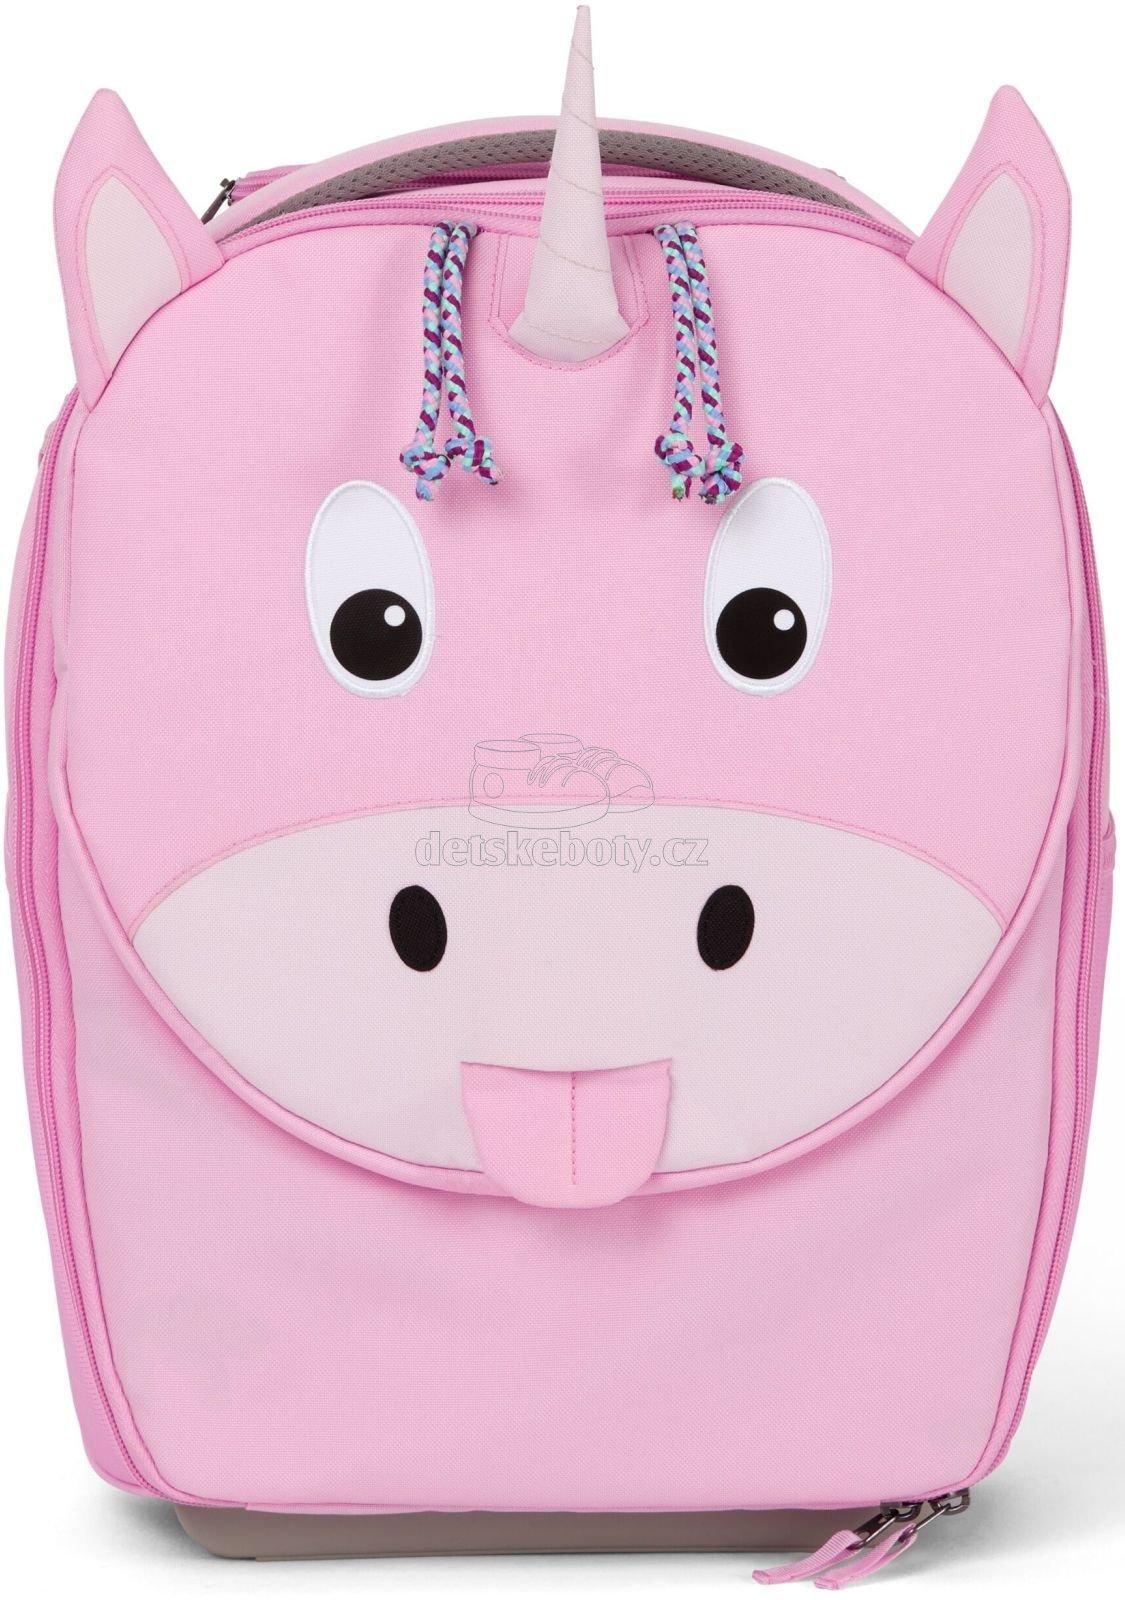 Dětský cestovní kufřík Affenzahn Suitcase Ulrike Unicorn - pink